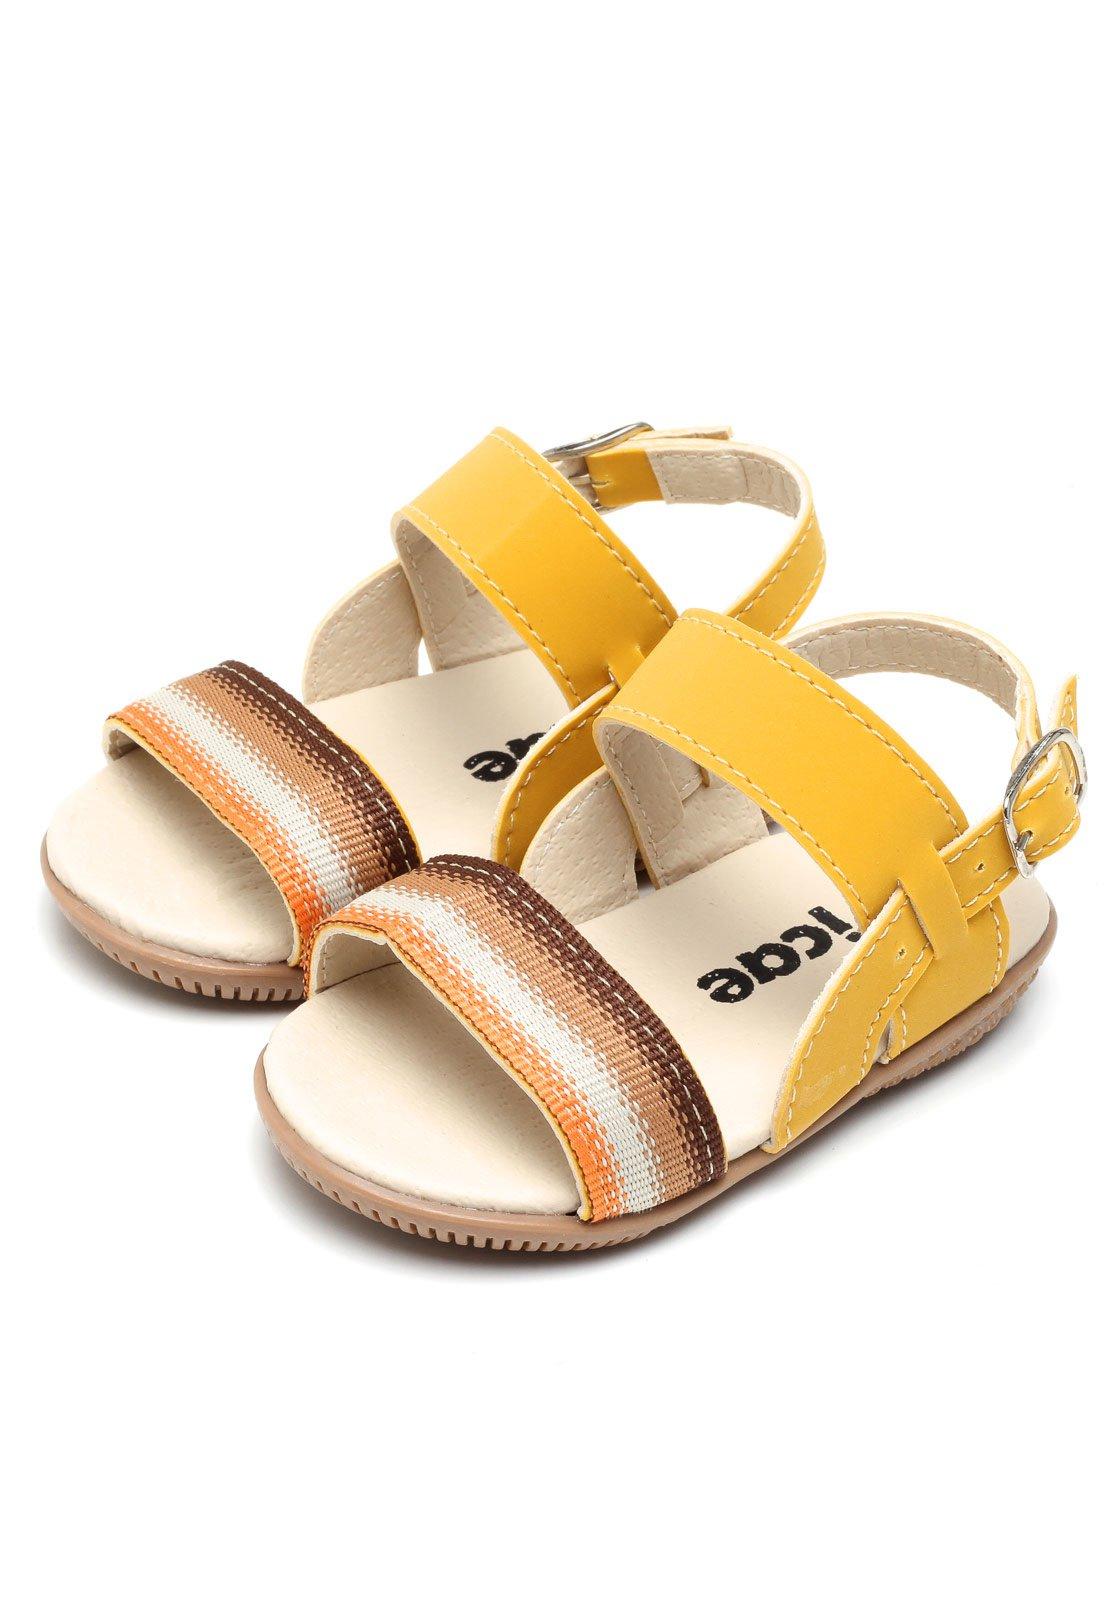 bd5958011e Sandália Tricae Menino Amarelo - Compre Agora